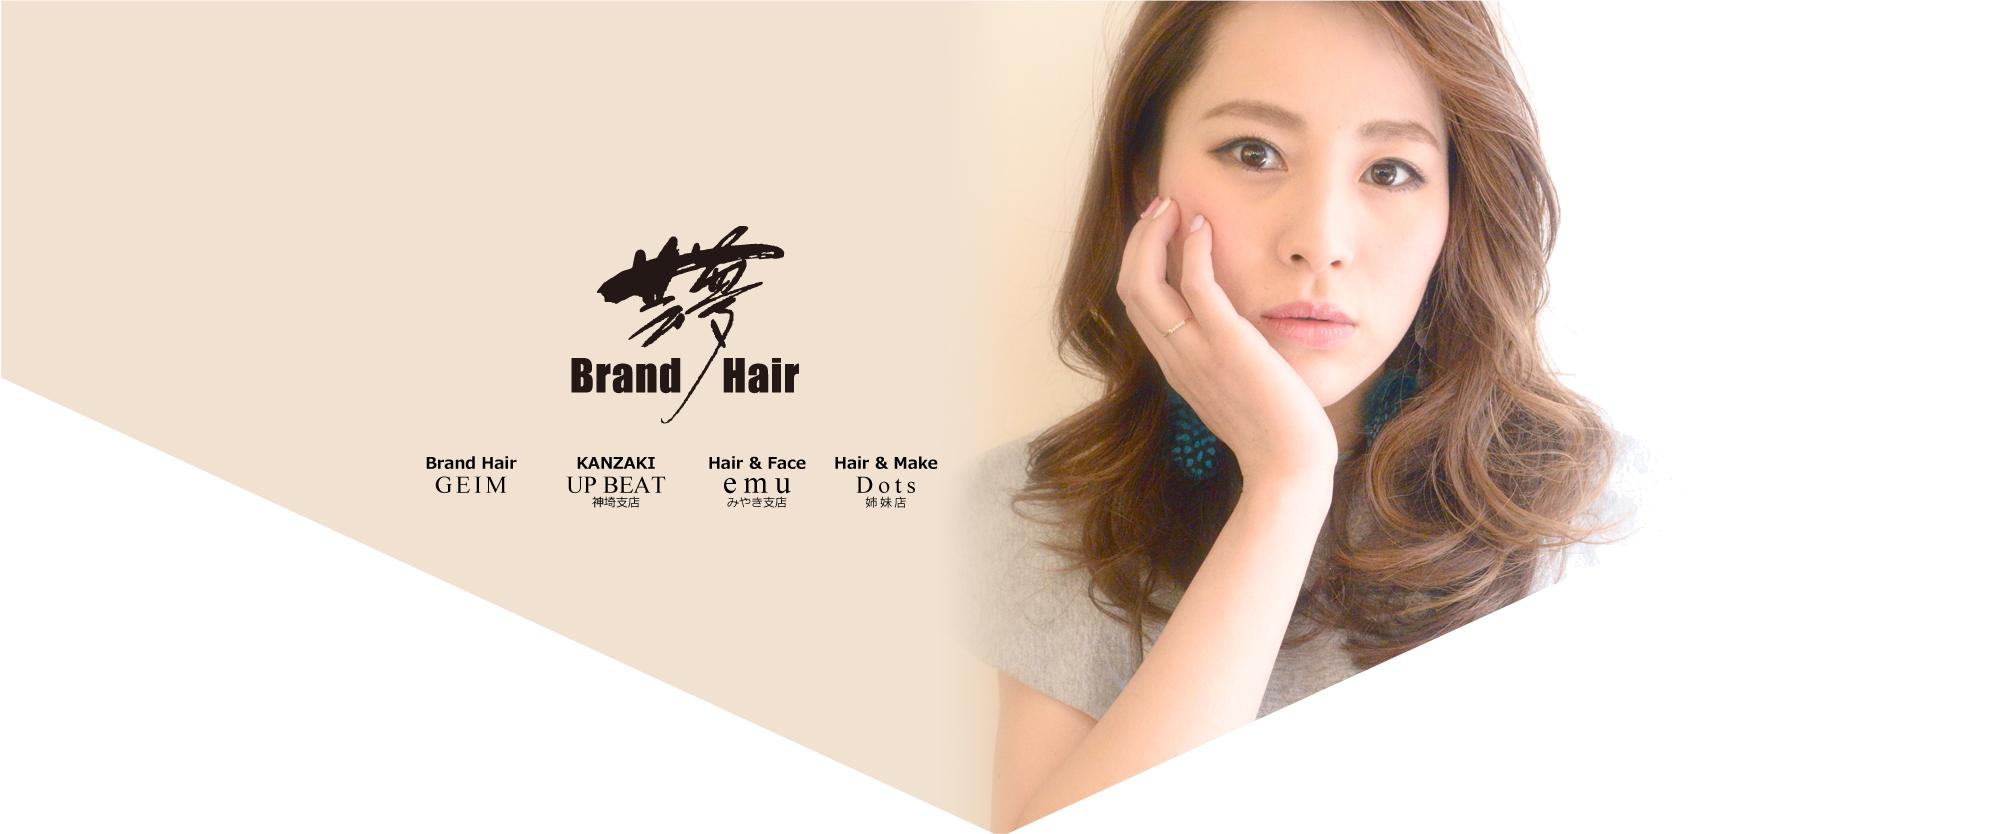 佐賀市の美容室 Brand Hair 芸夢